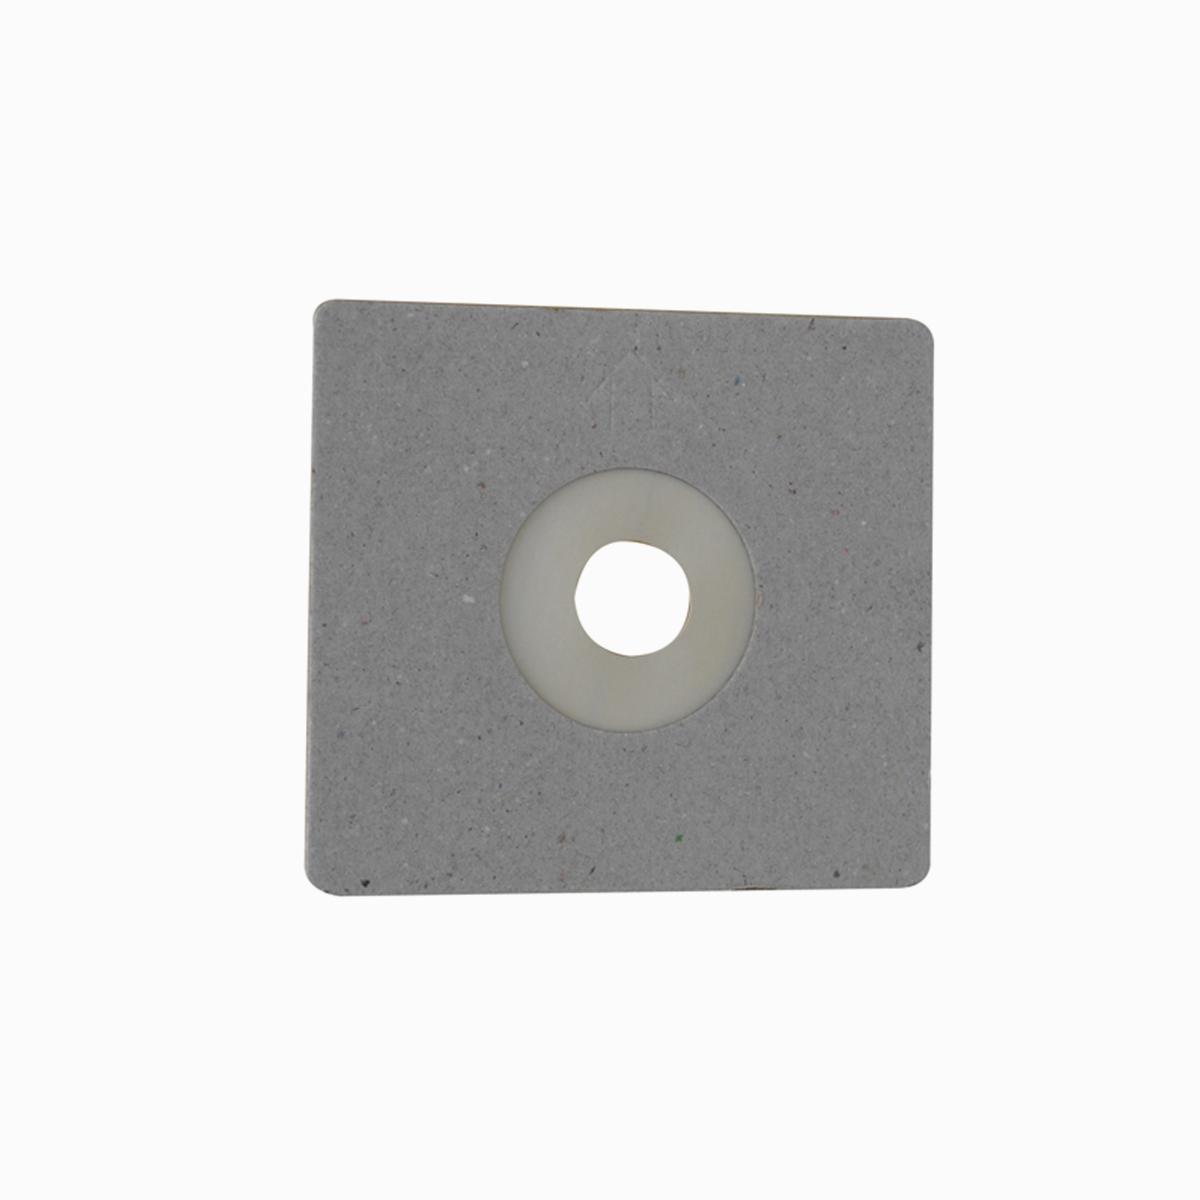 ELECTROLUX BOSS 3105 3115 compatibile sacchetti per aspirapolvere